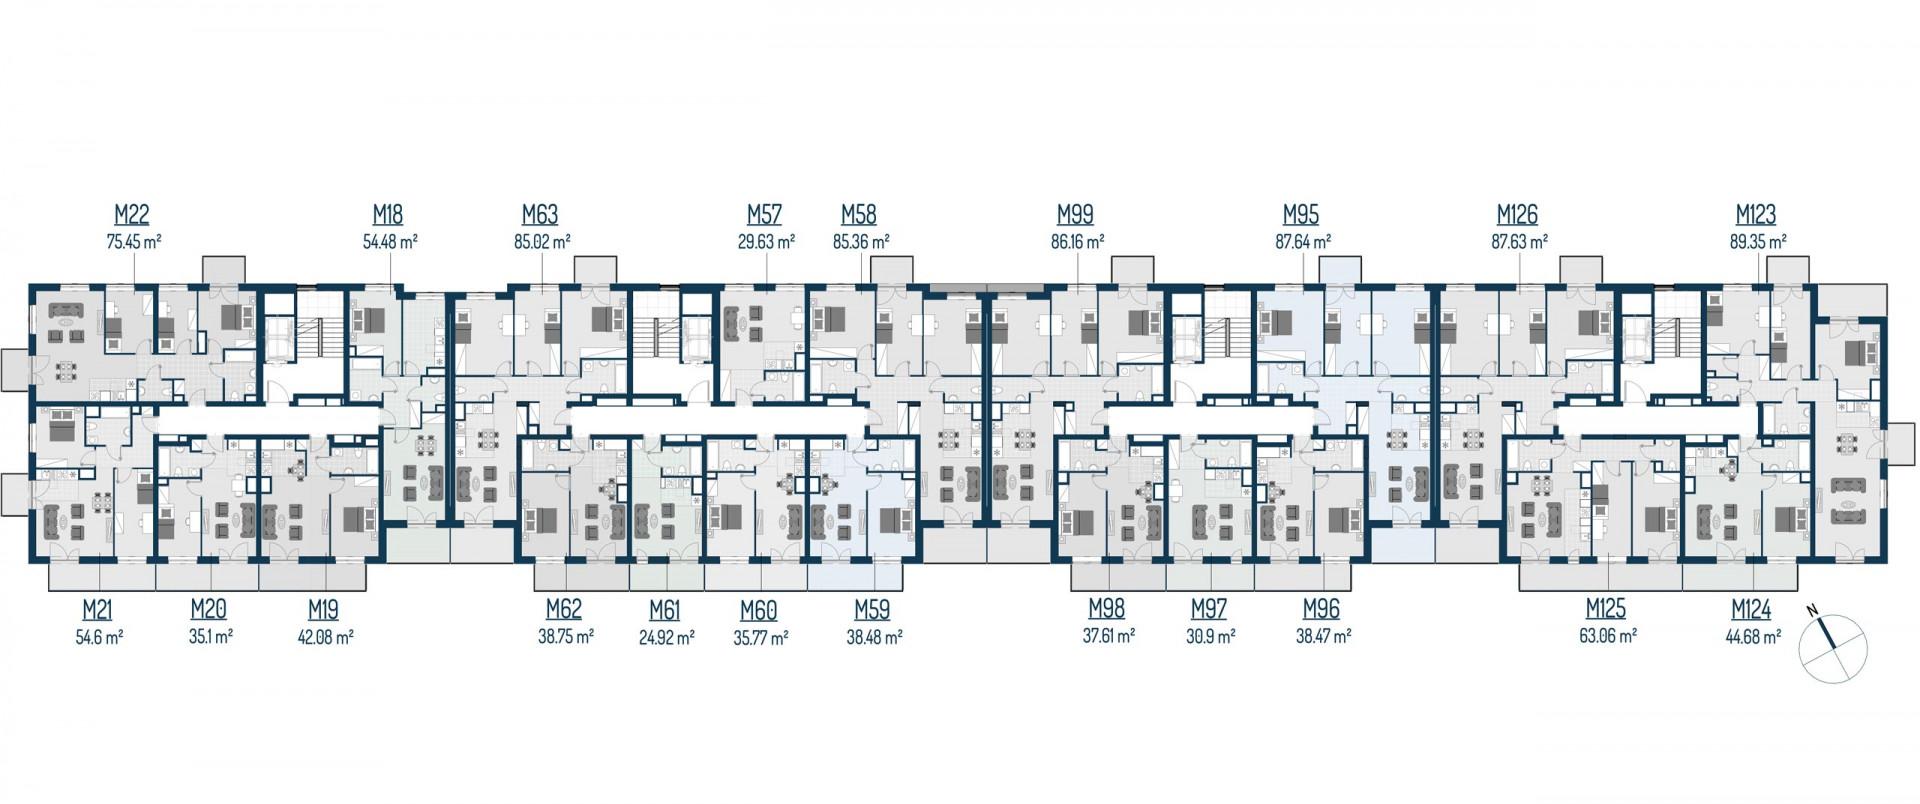 Zdrowe Stylove / budynek 2 / mieszkanie nr 63 rzut 2